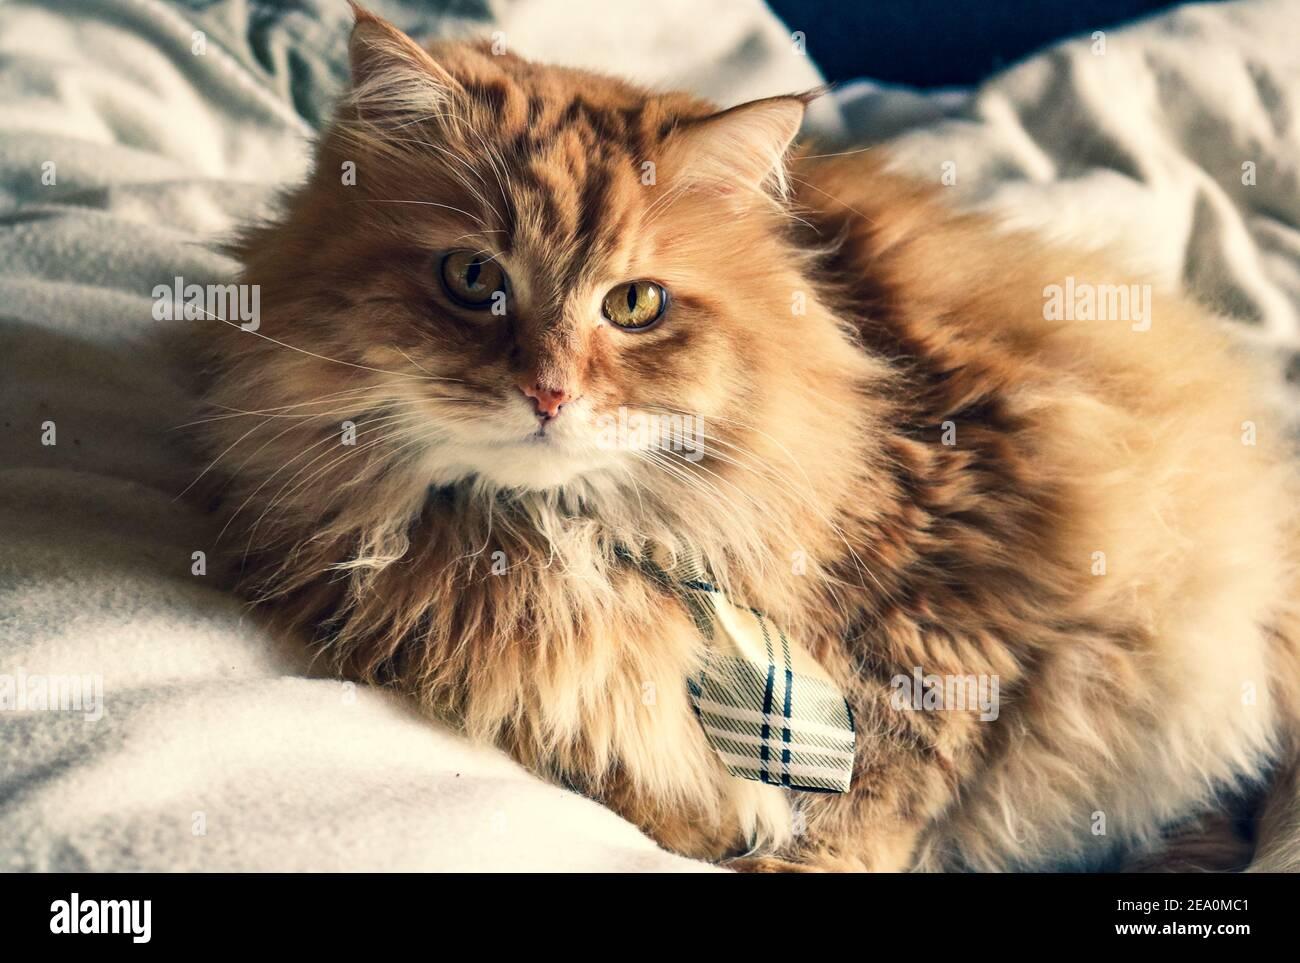 Un gato de jengibre esponjoso en la cama con corbata Foto de stock